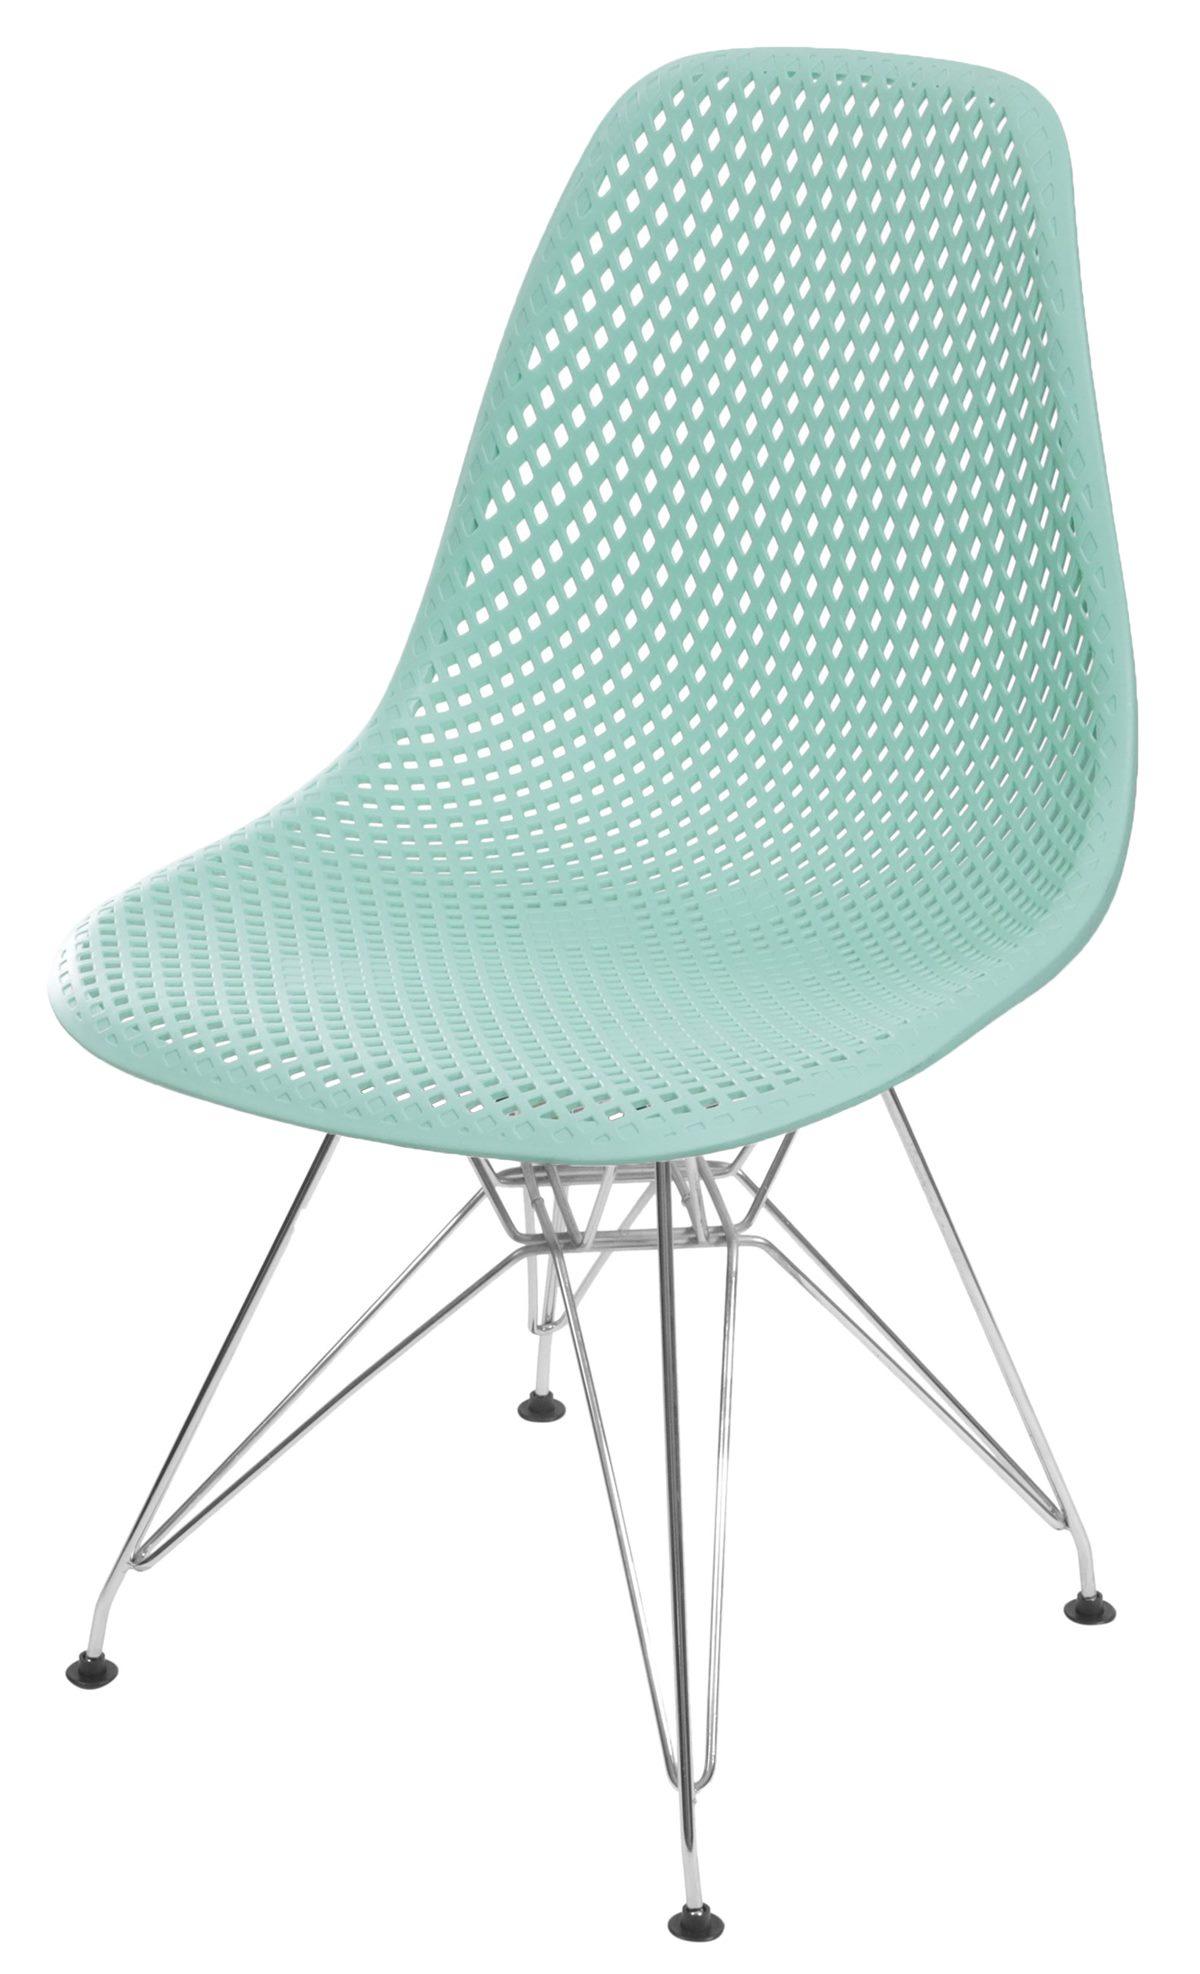 Cadeira Eames Furadinha cor Tiffany com Base Cromada - 55991